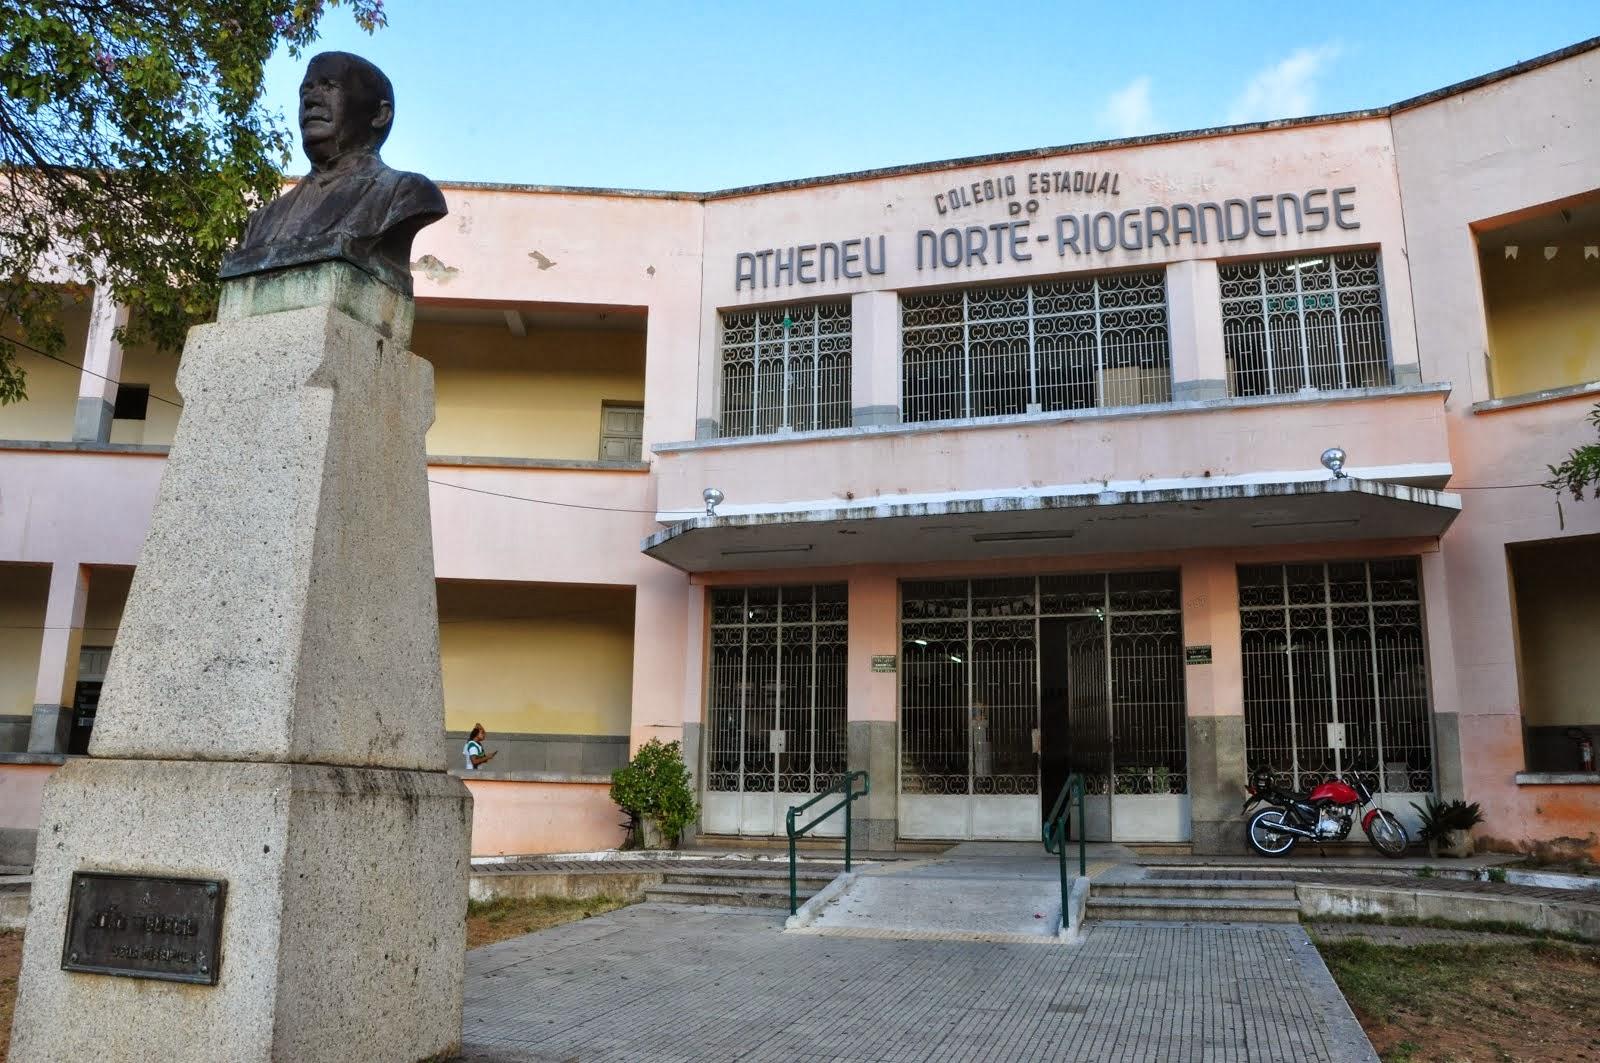 Escola Estadual Atheneu Norte-Riograndense